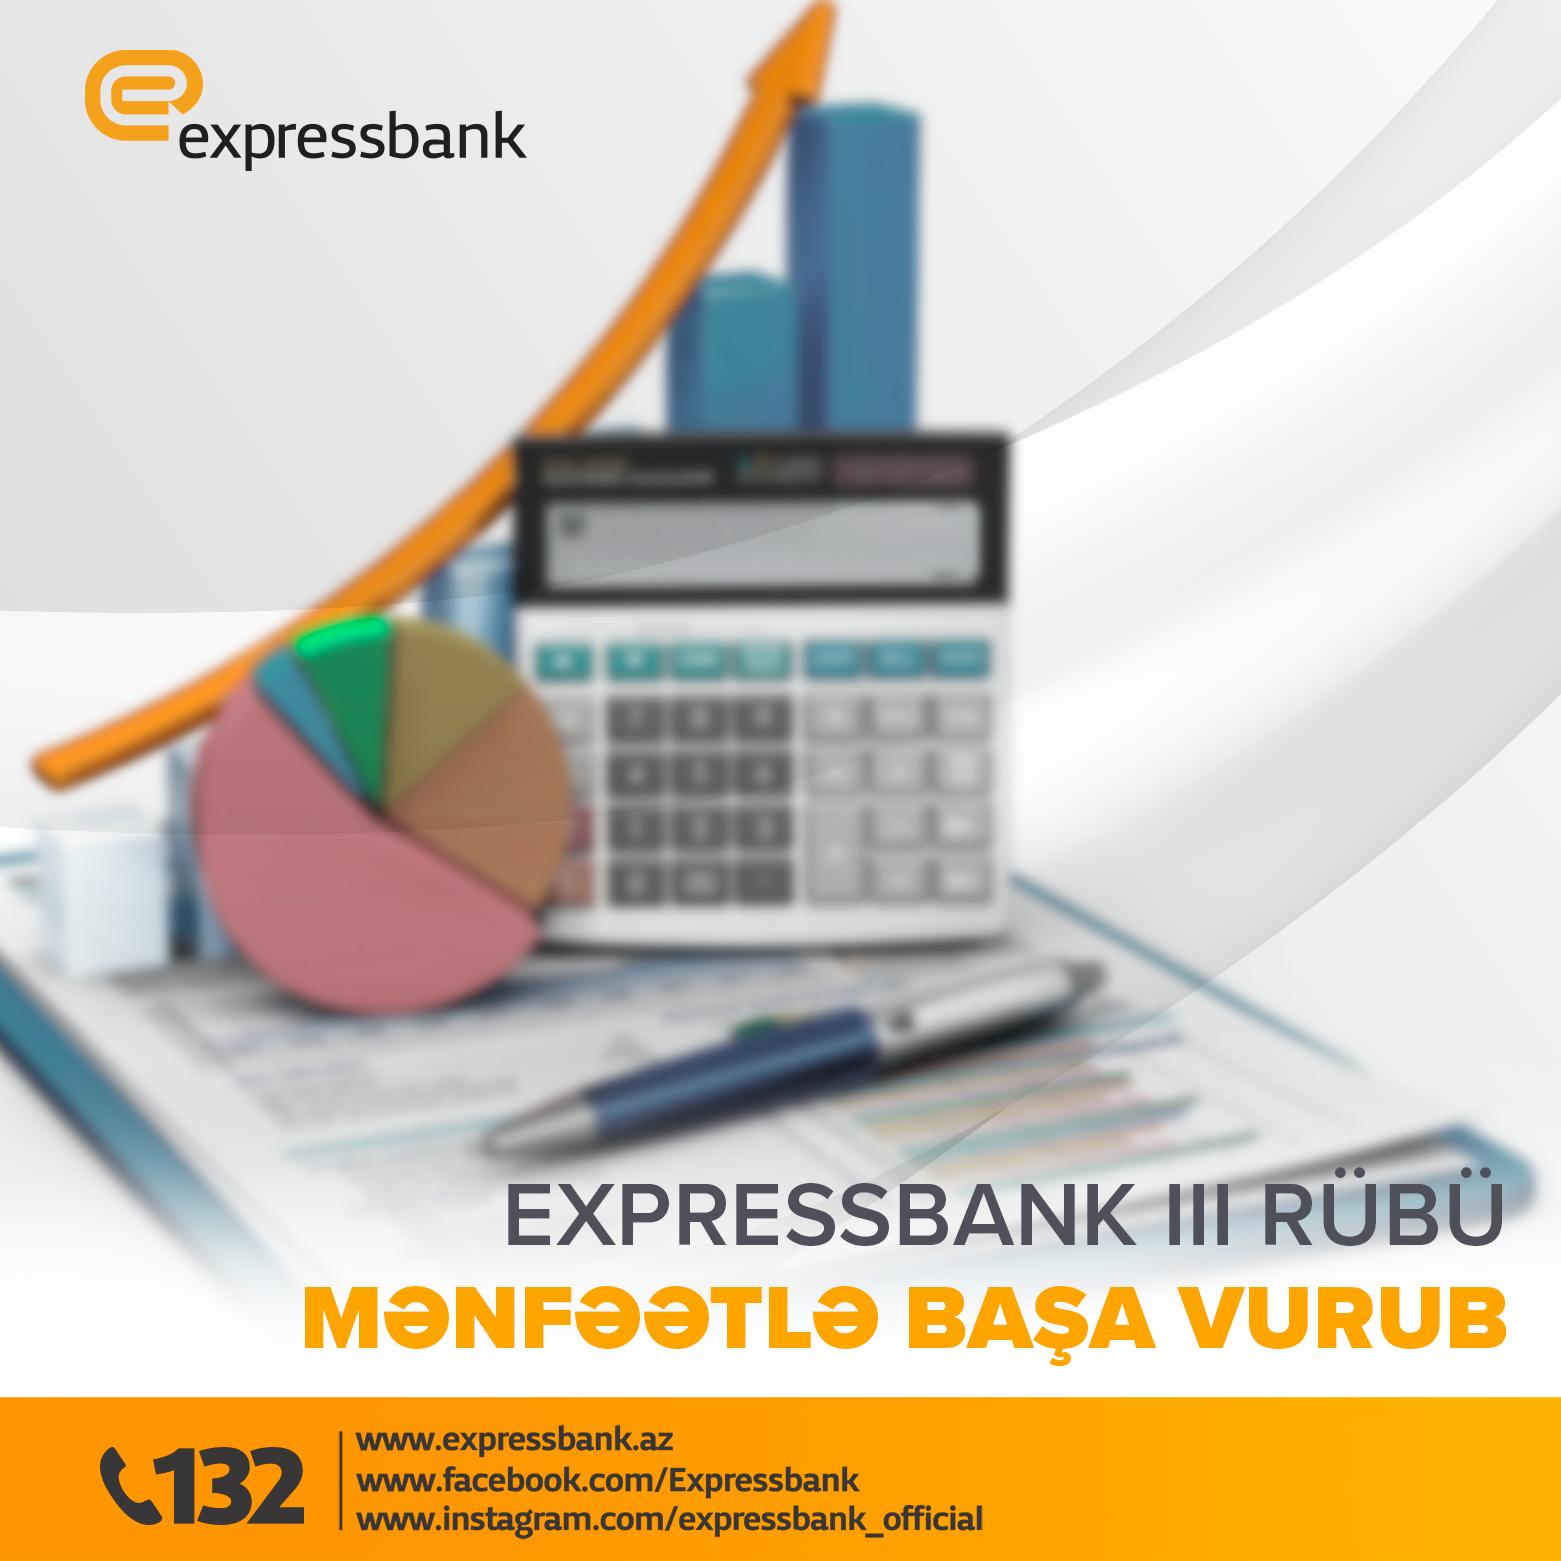 Expressbank 2020–ci ilin III rübünü mənfəətlə başa vurub